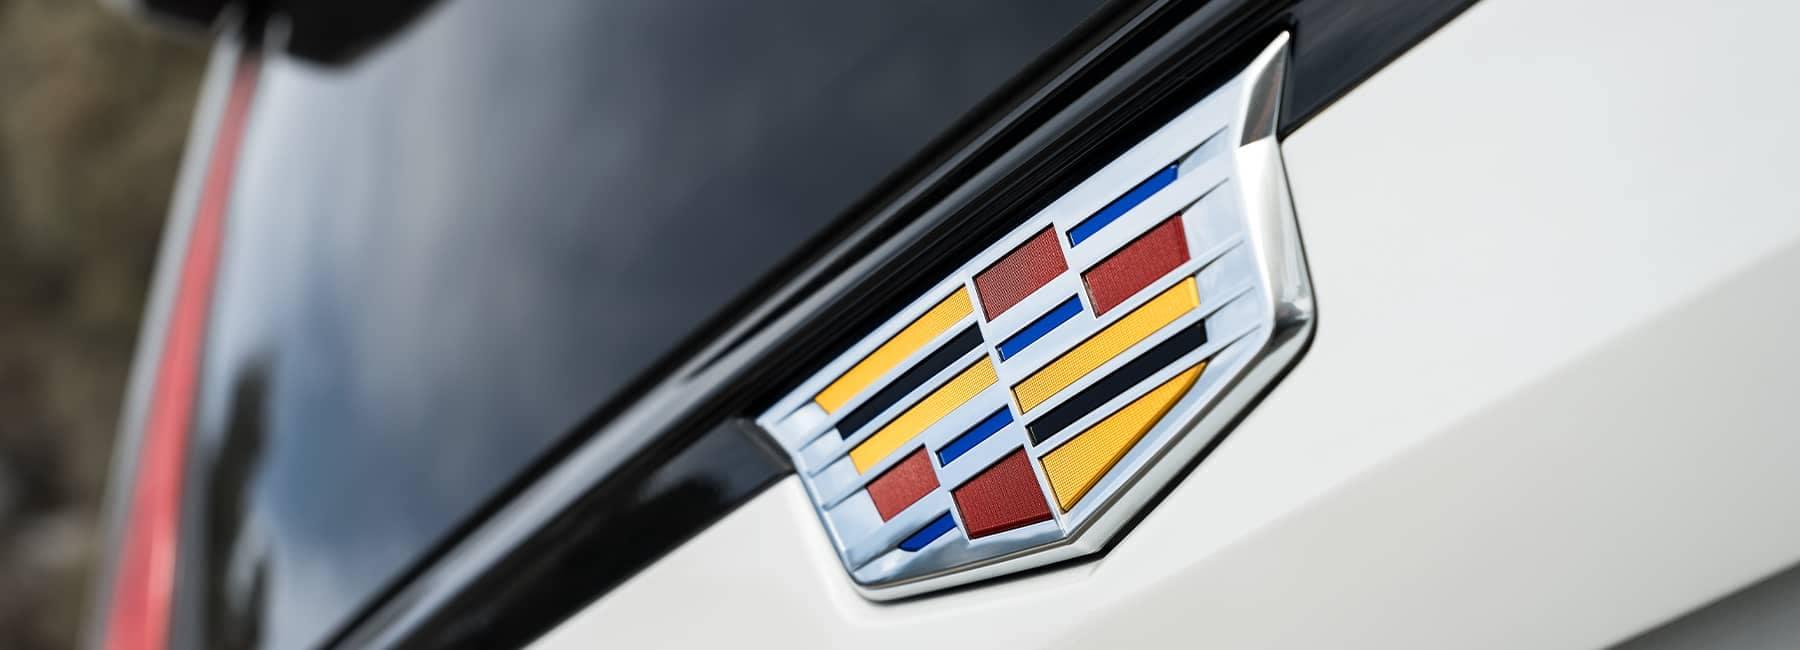 2021 Cadillac Escalade Rear Emblem